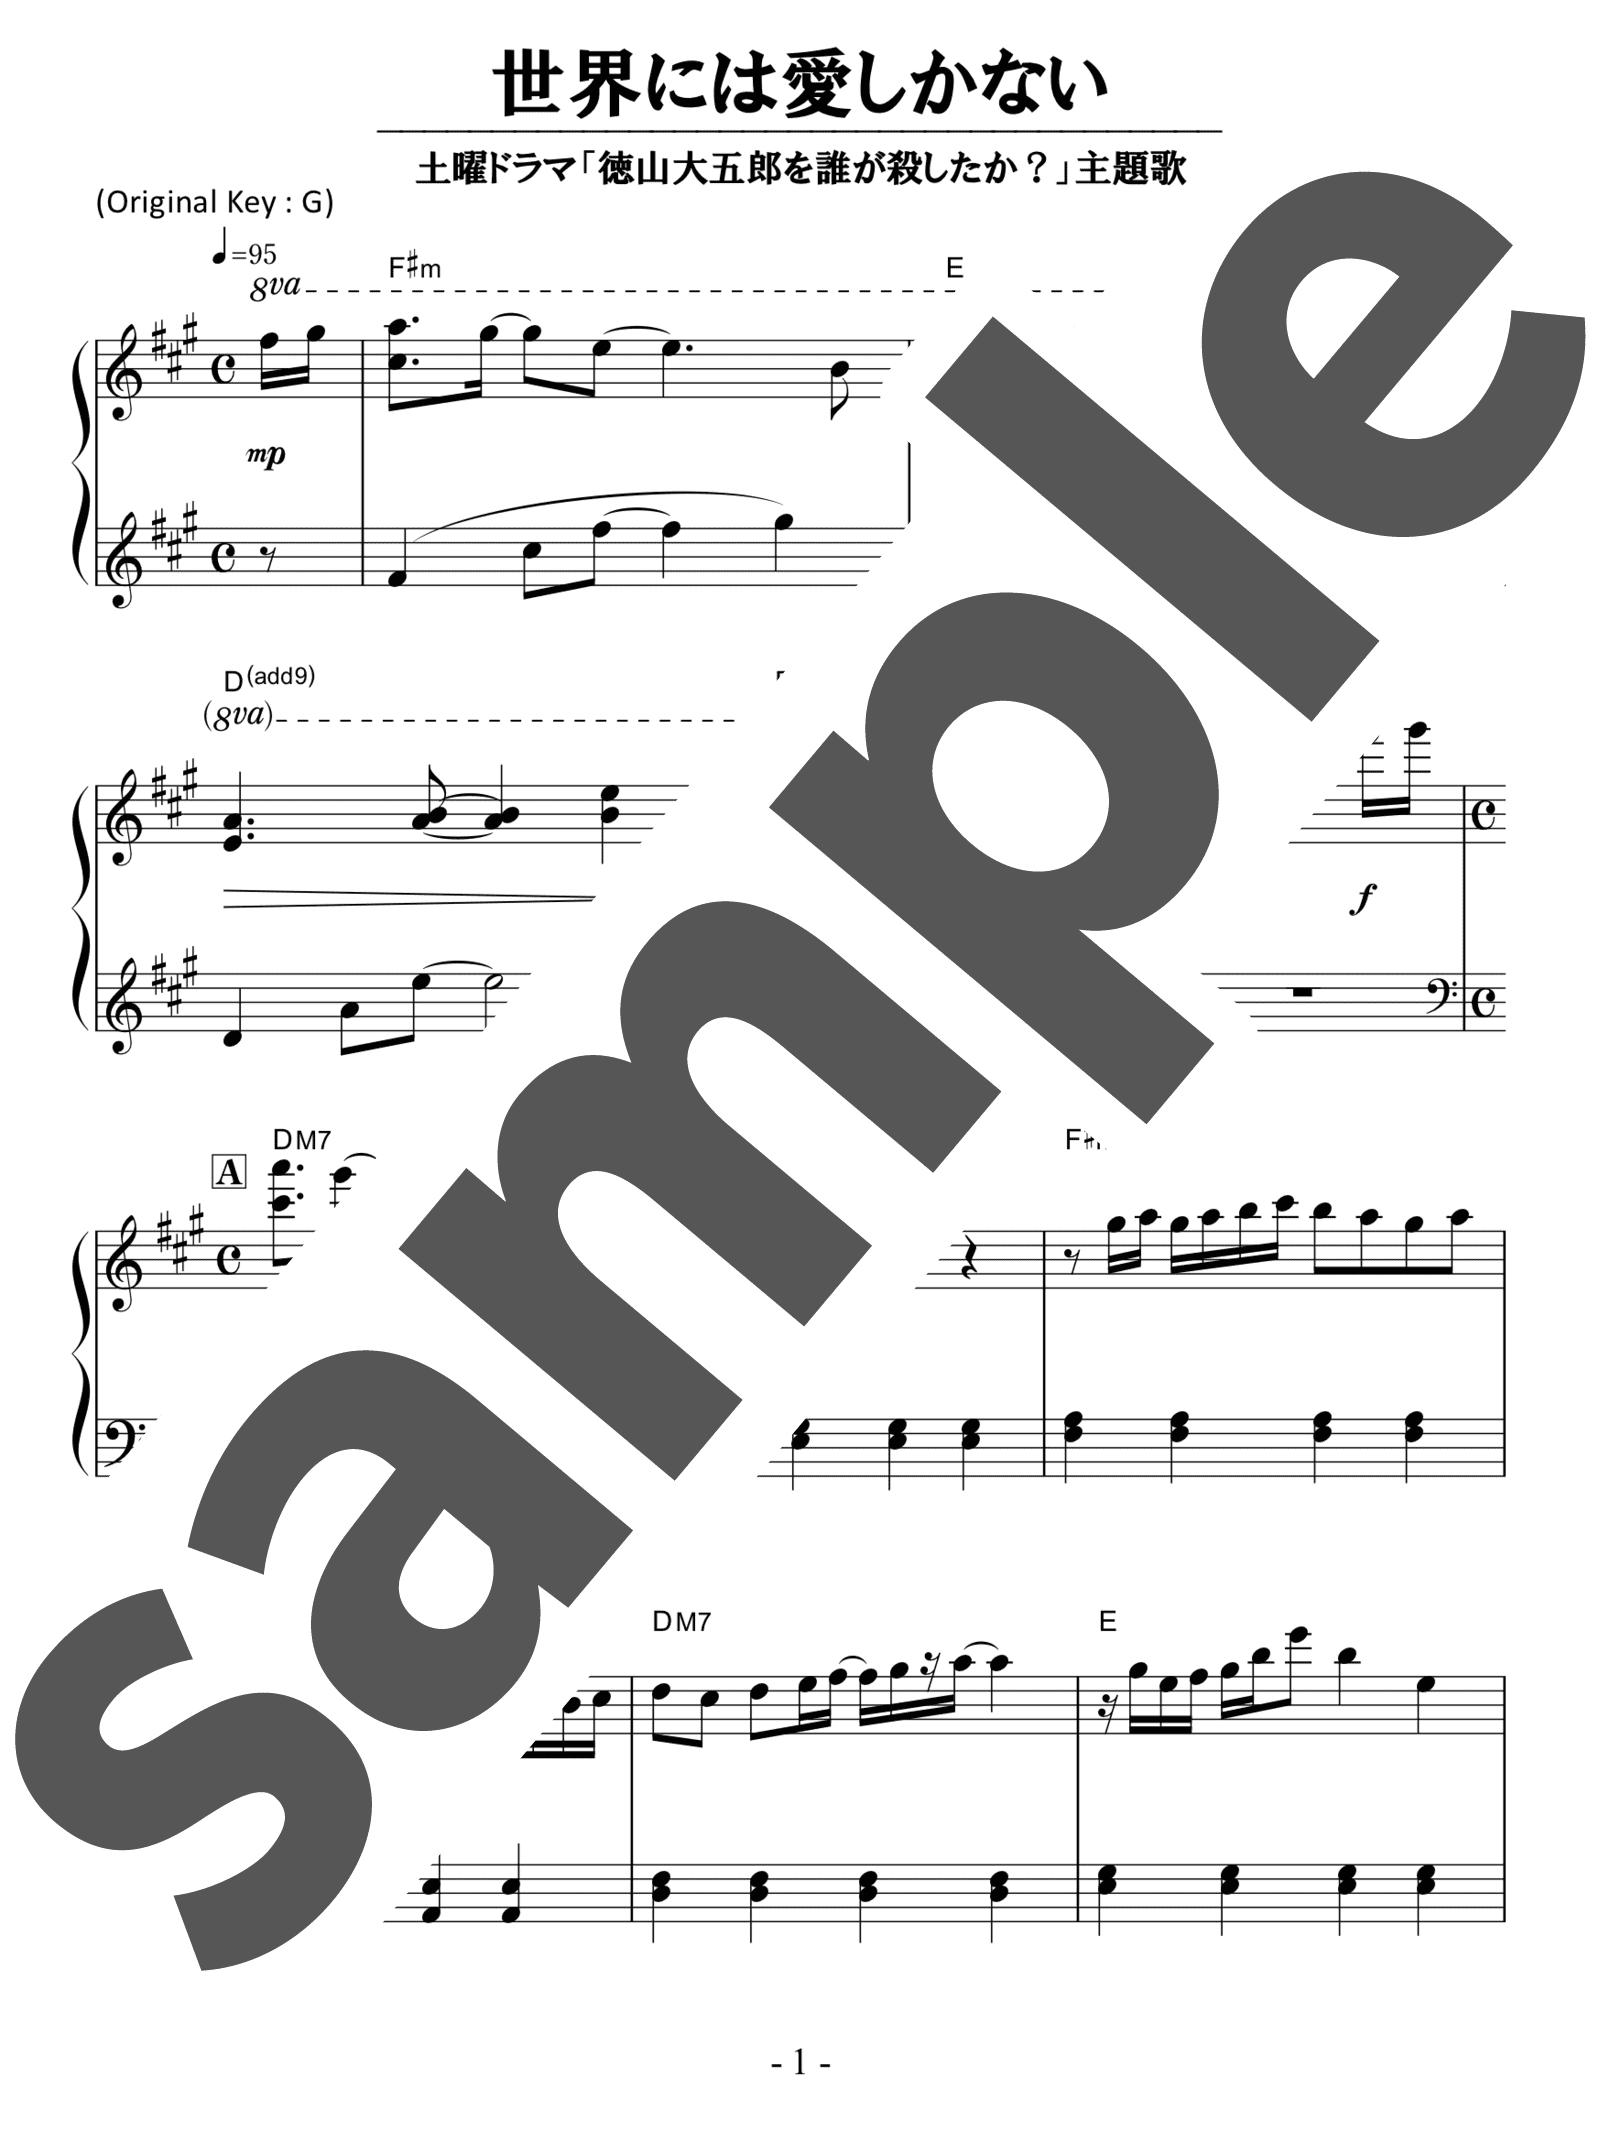 「世界には愛しかない」のサンプル楽譜